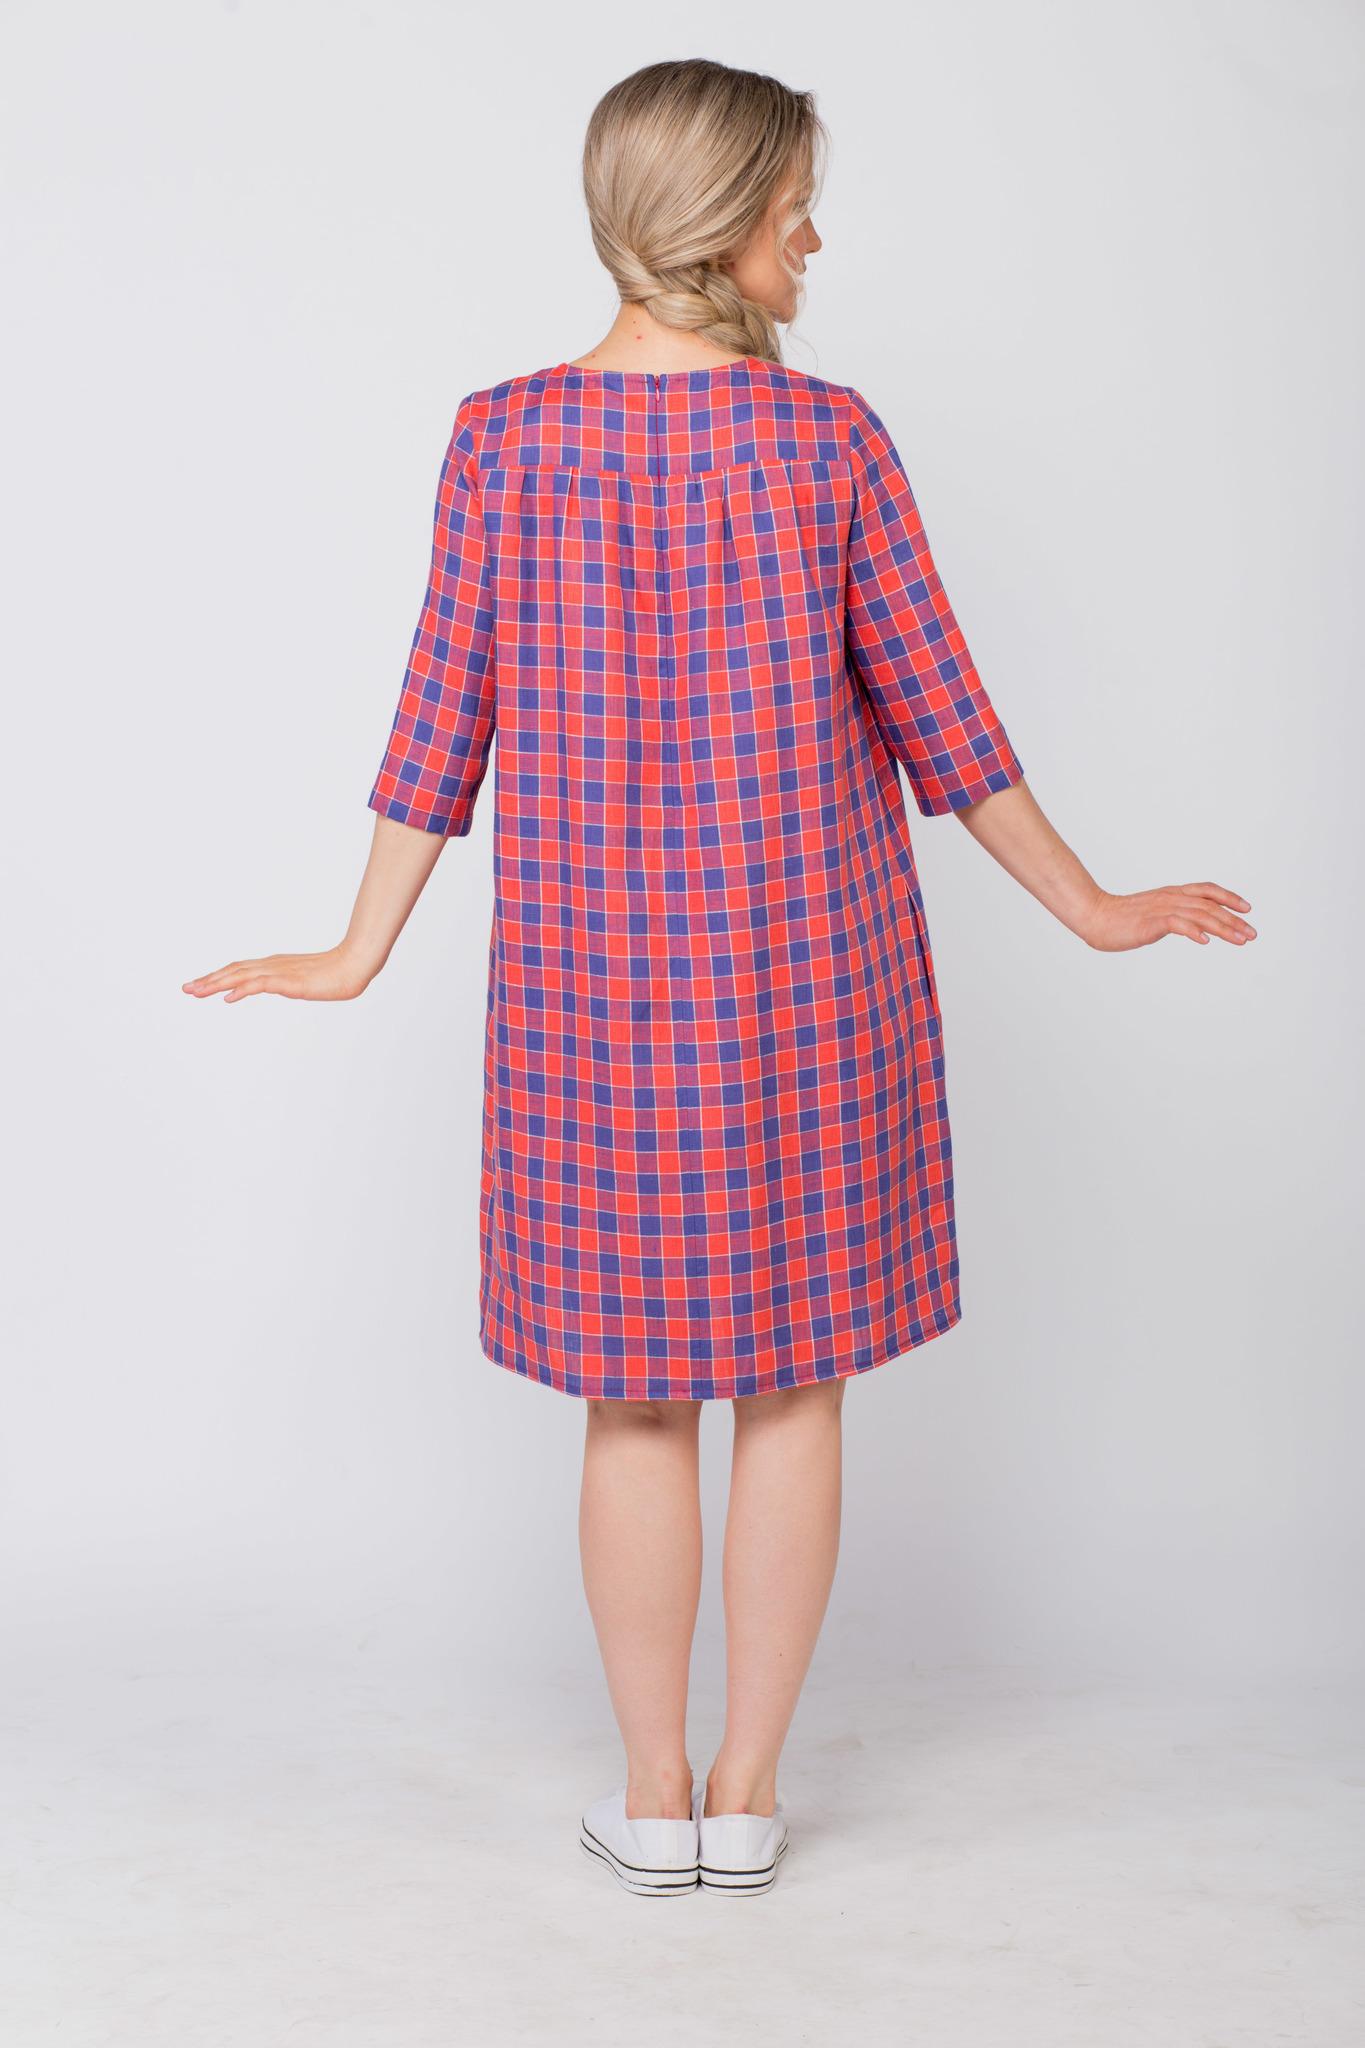 Платье льняное Хобби вид сзади